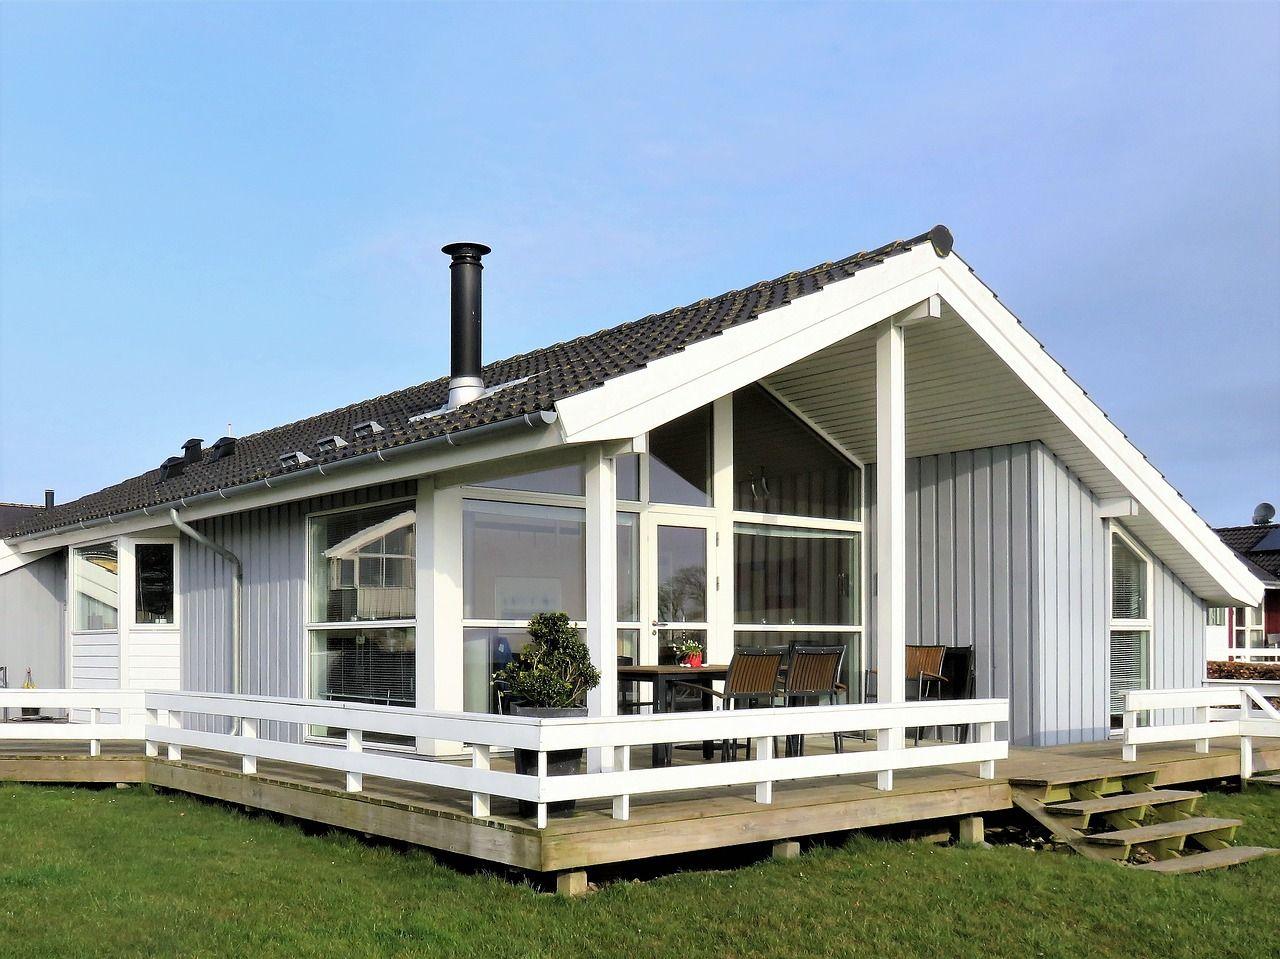 Jakie zalety ma mieszkanie w domu jednorodzinnym?